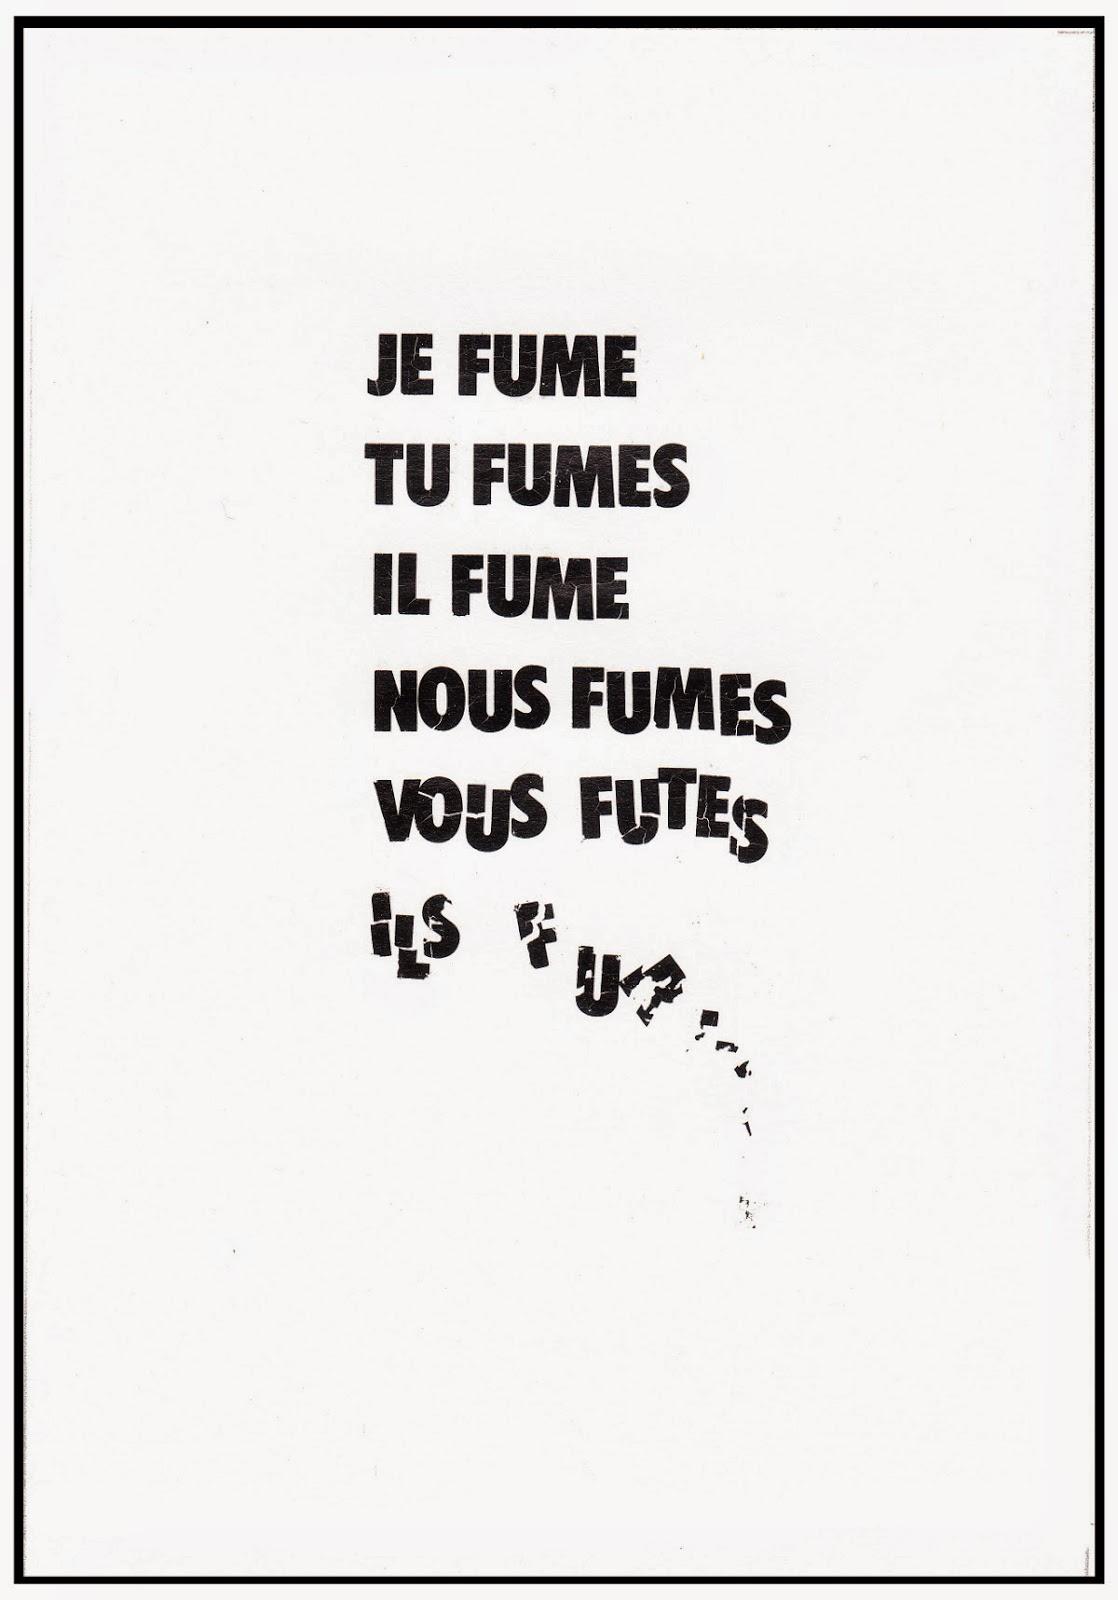 Affiche en noir/blanc jouant sur la conjugaison au présent du verbe fumer, le transformant au pluriel par le verbe être au passé simple.